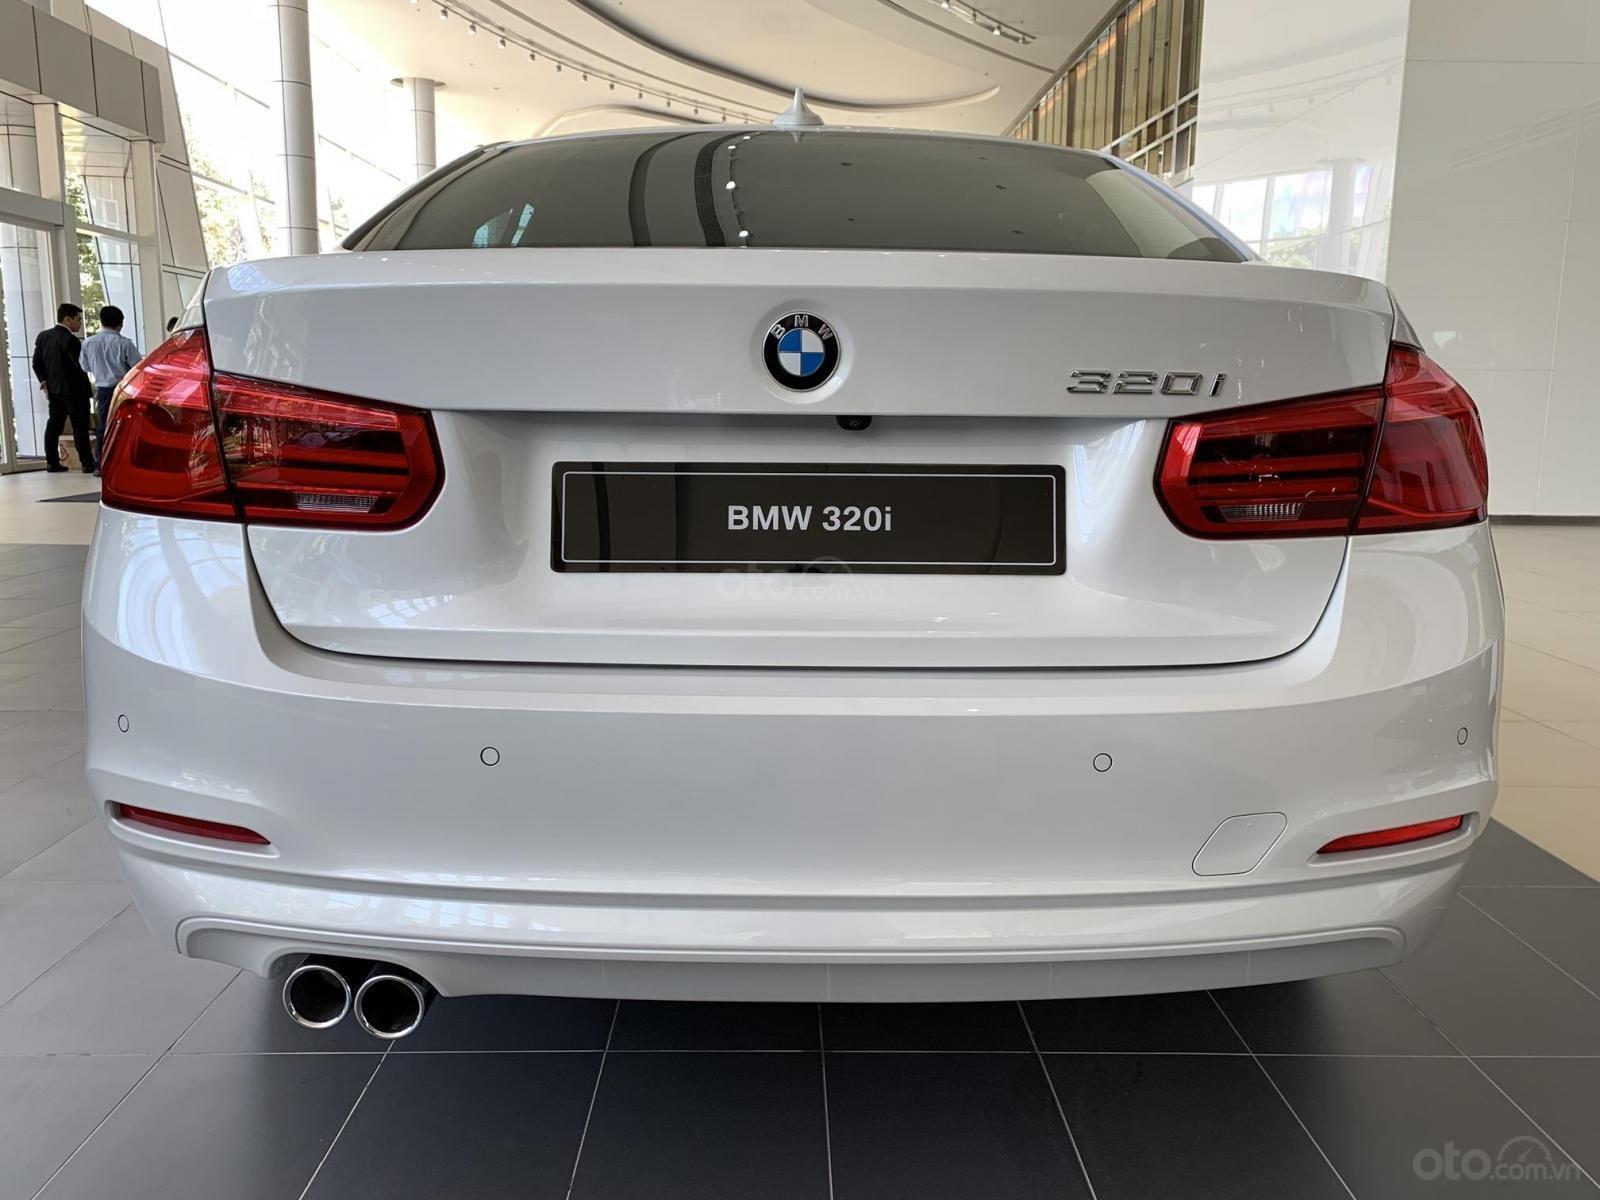 BMW 320i tặng 100% phí trước bạ, trả trước 20% nhận xe chỉ với 350 triệu, Hotline PKD - 0908 526 727 (11)